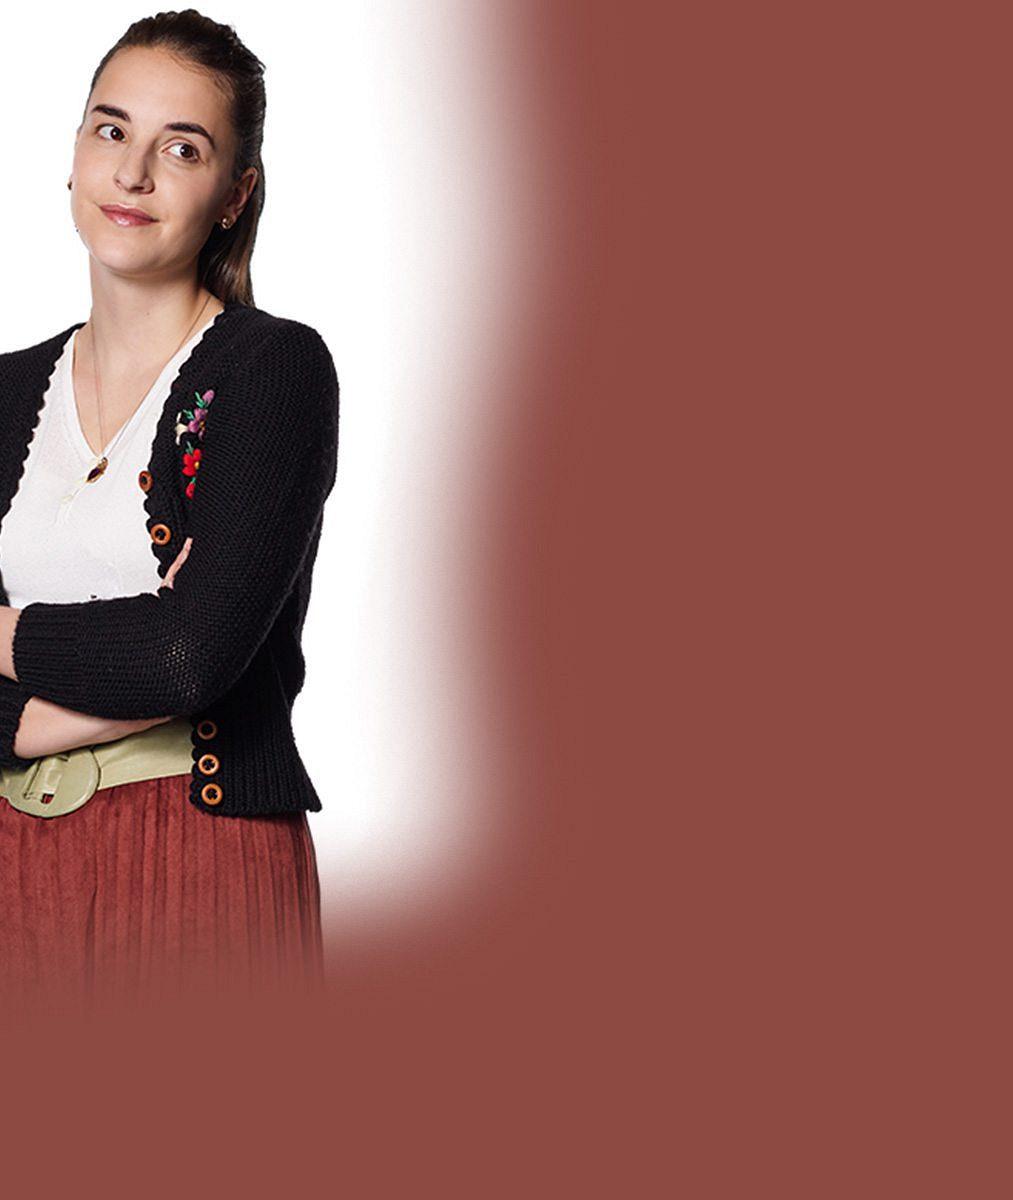 Co říkáte na novou seriálovou lásku Jakuba Prachaře? Je to tahle okatá brunetka